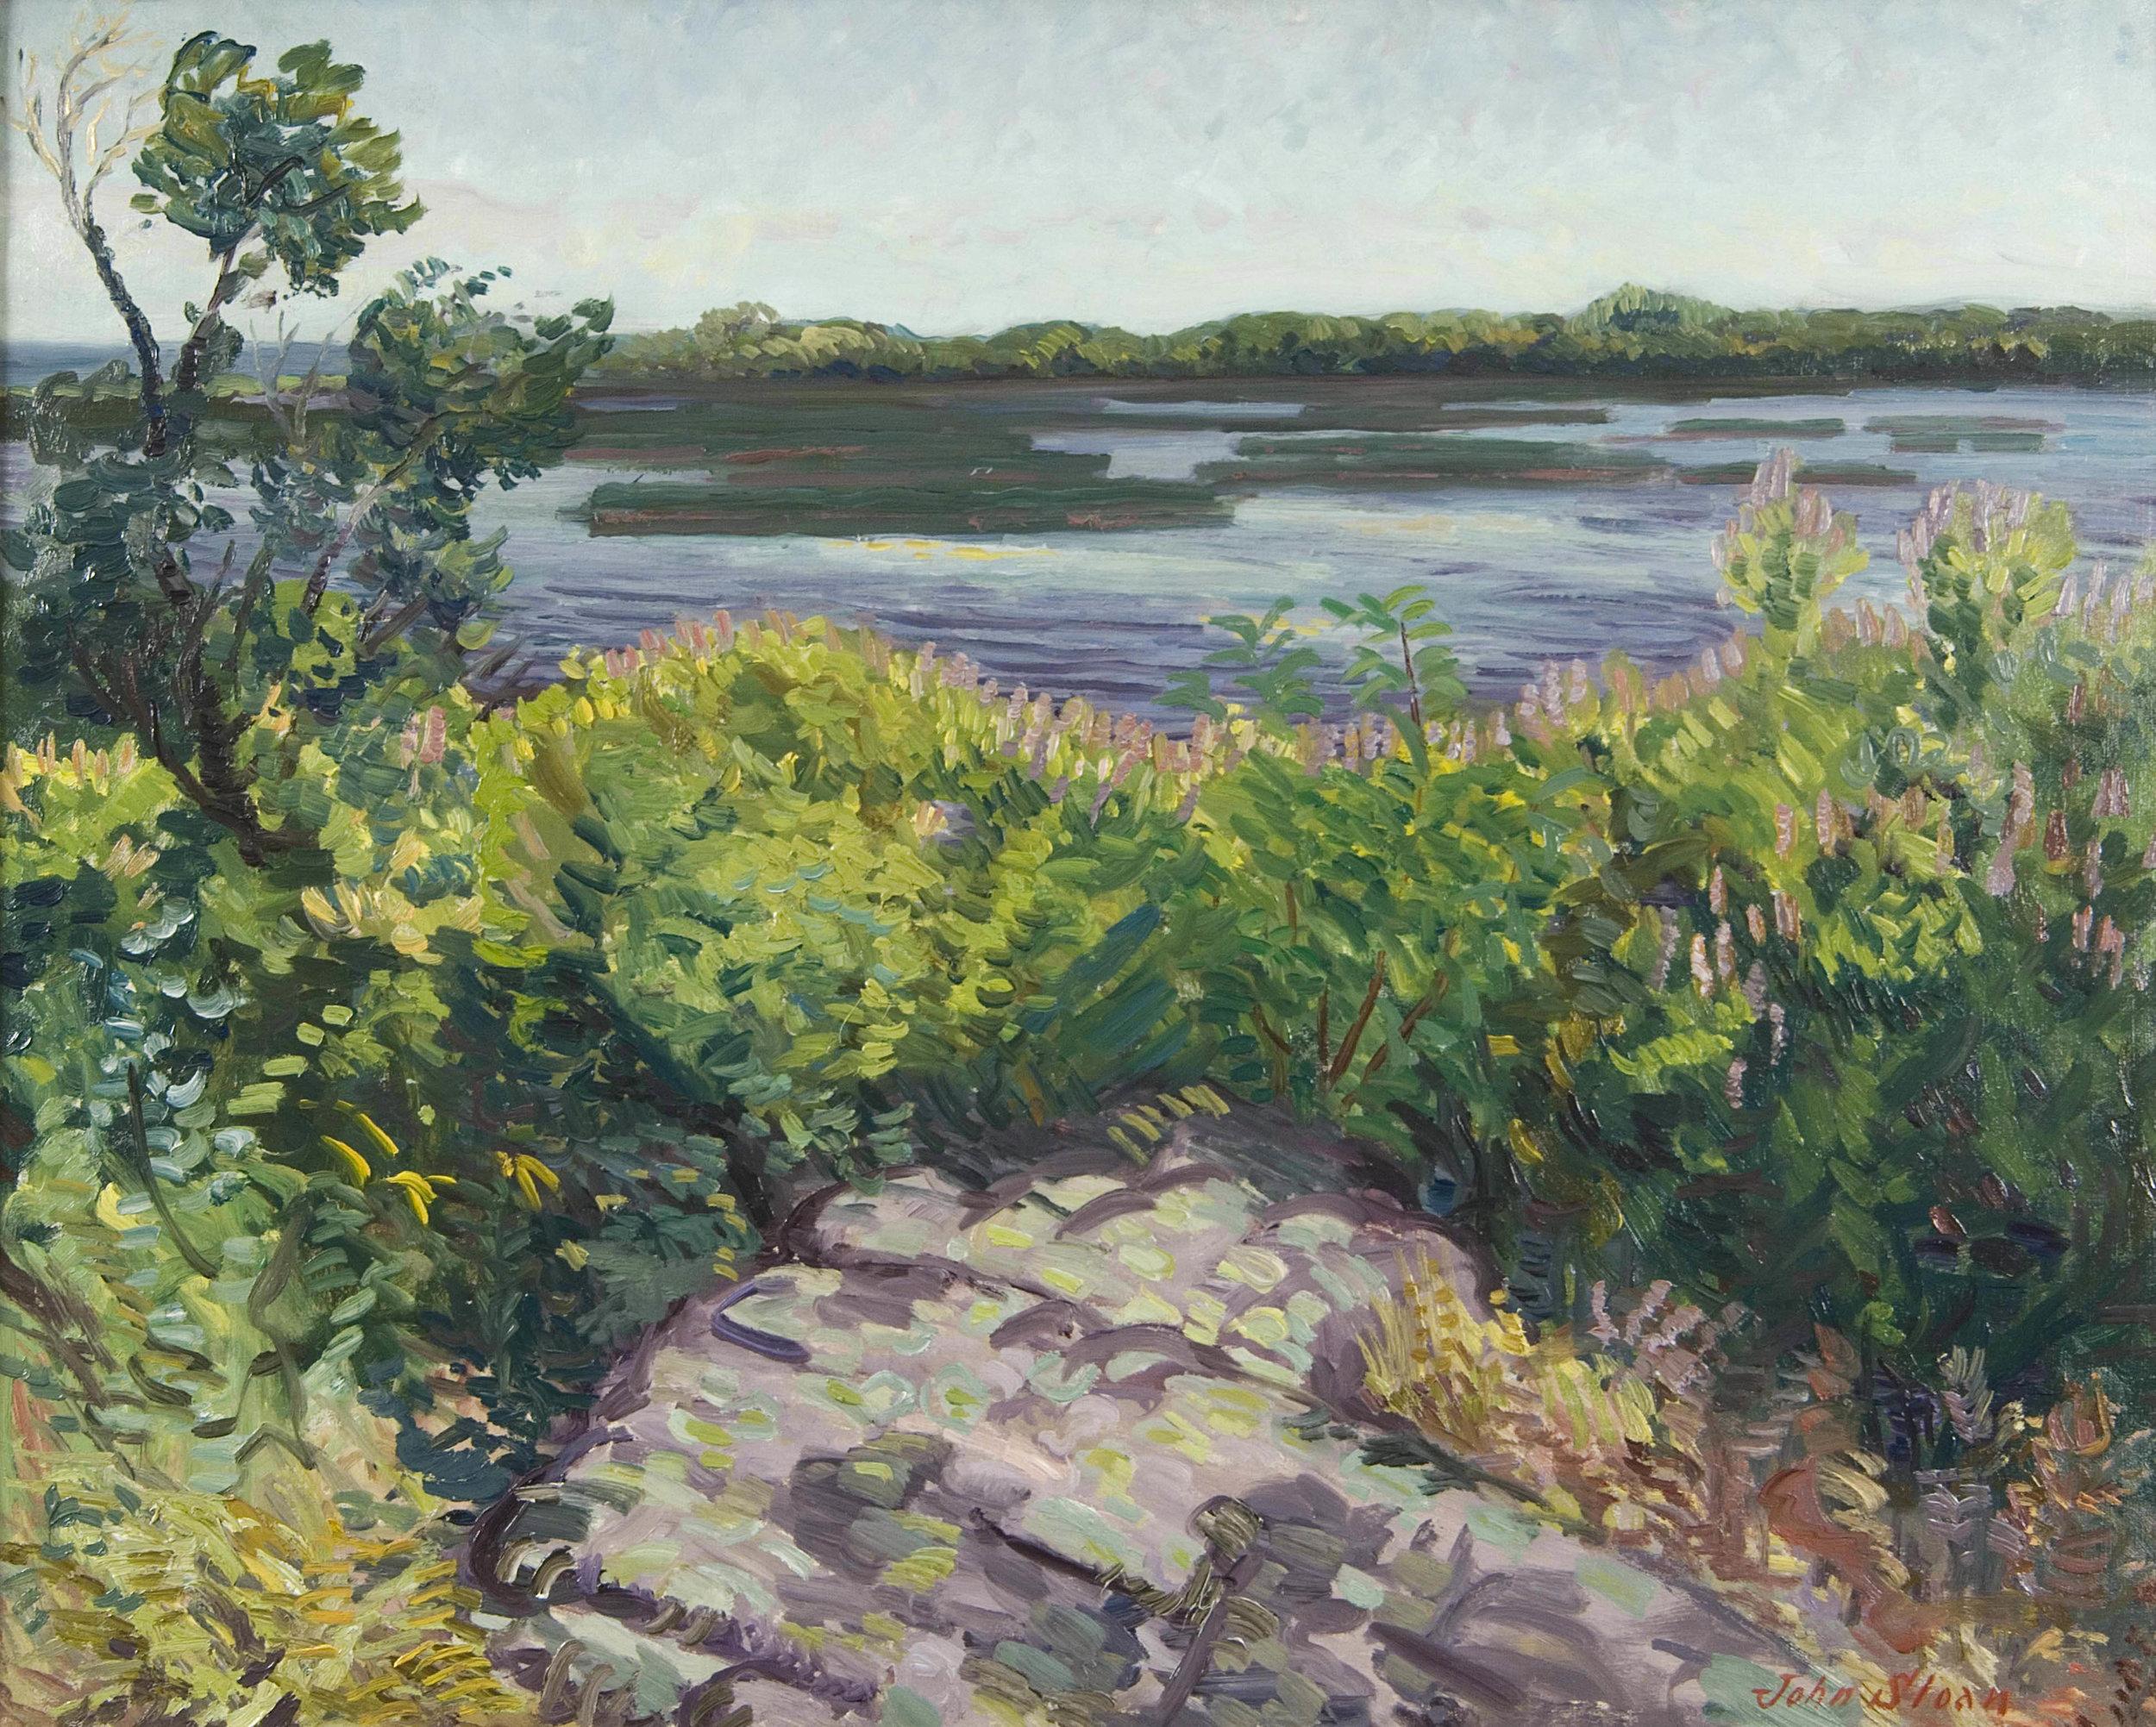 Image of Niles Pond in Gloucester, Massachusetts by John Sloan